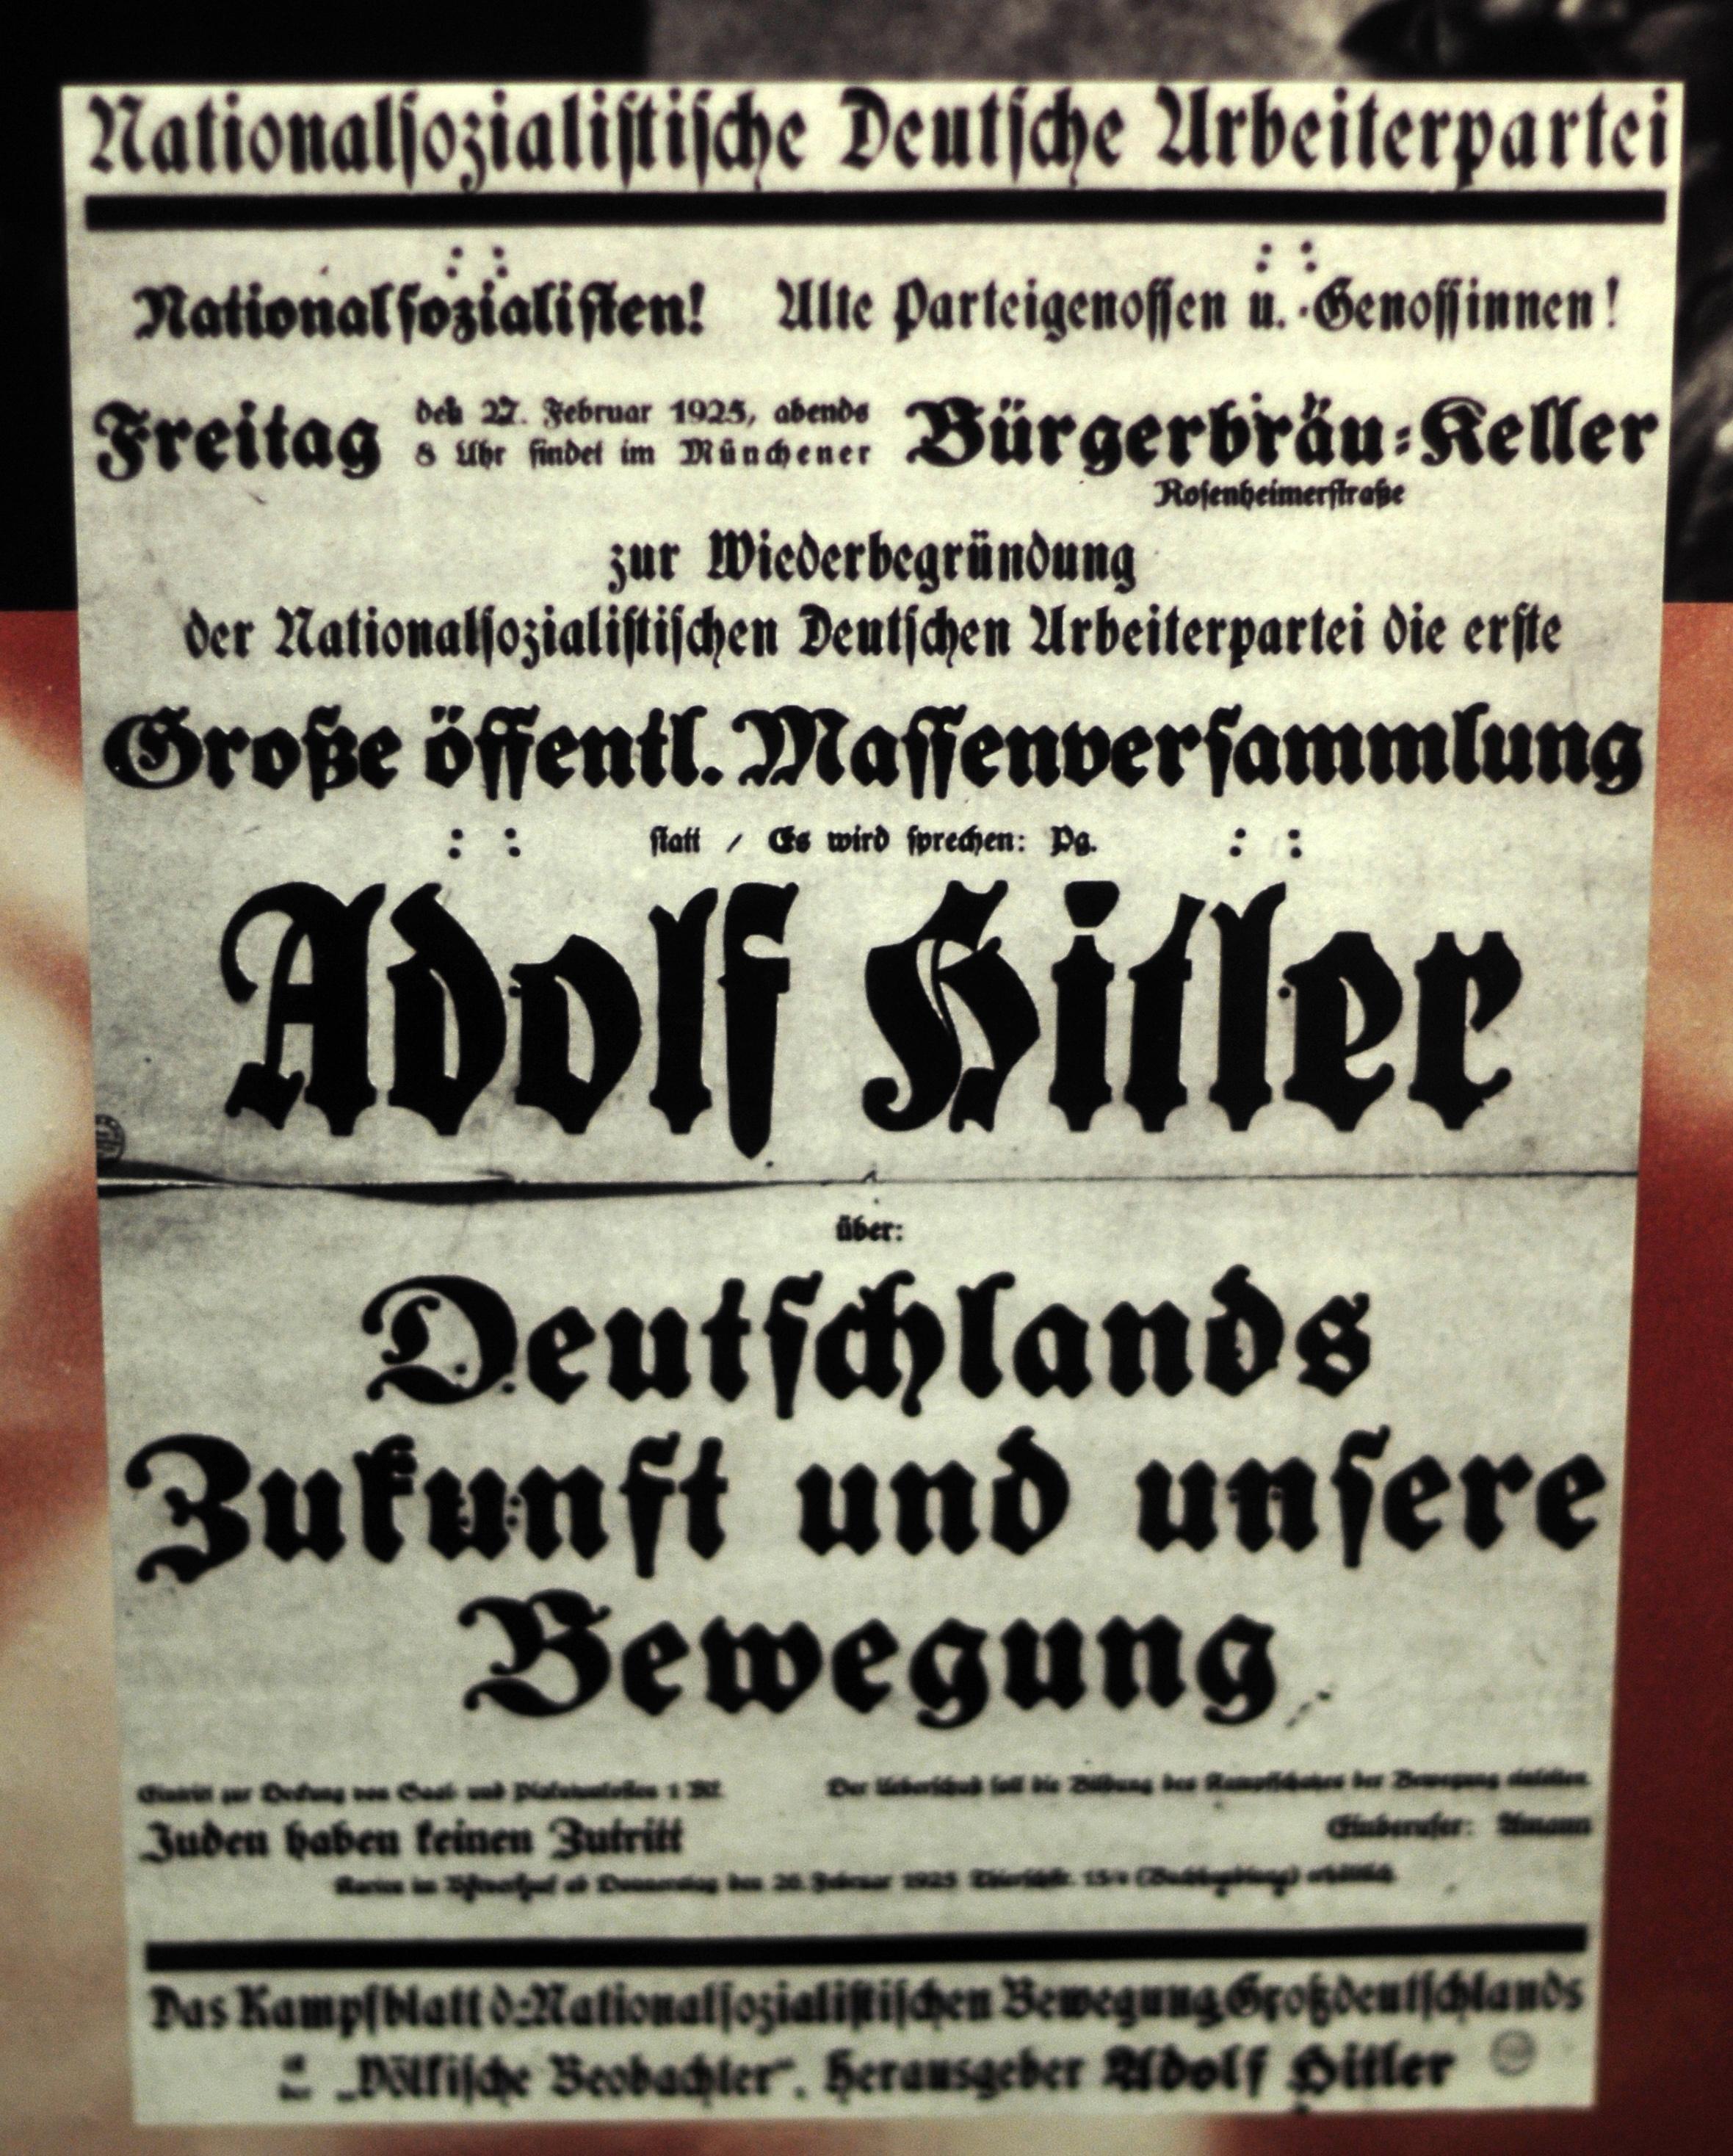 Veranstaltungsplakat zur Wiedergründung der NSDAP, München, Februar 1925